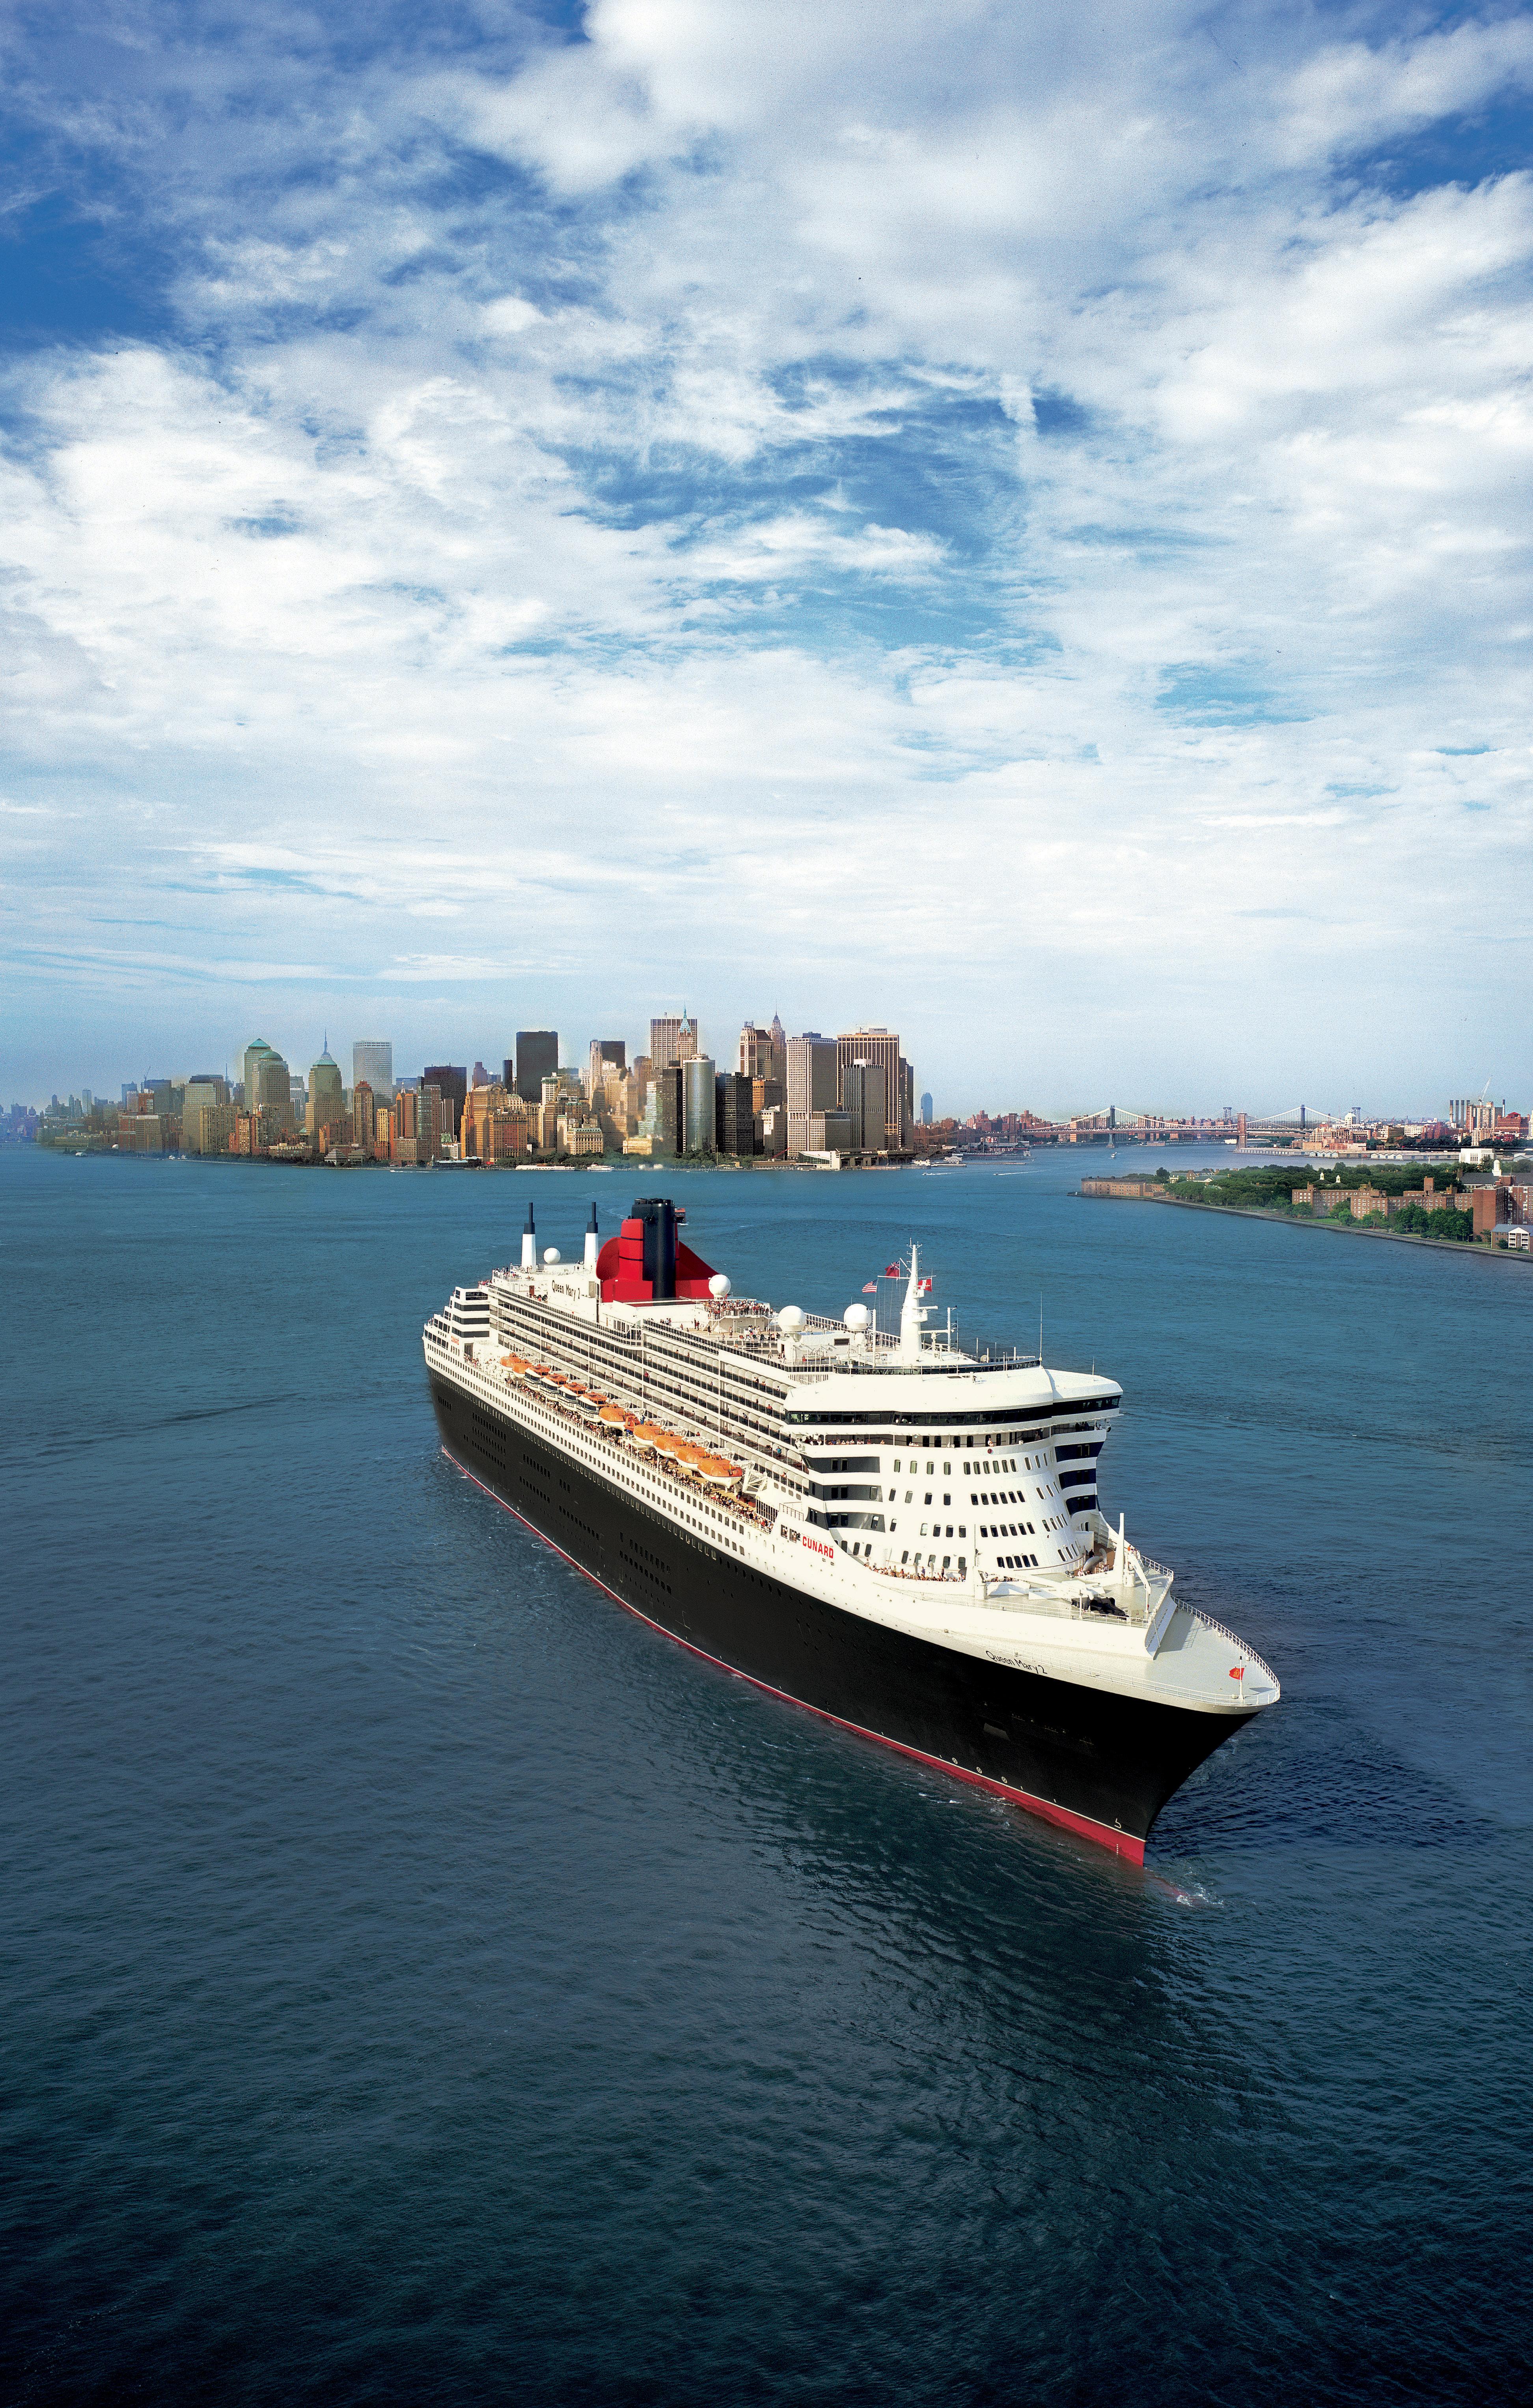 Queen mary 2 mille et un voyages par lise gigu re for Un re a new york